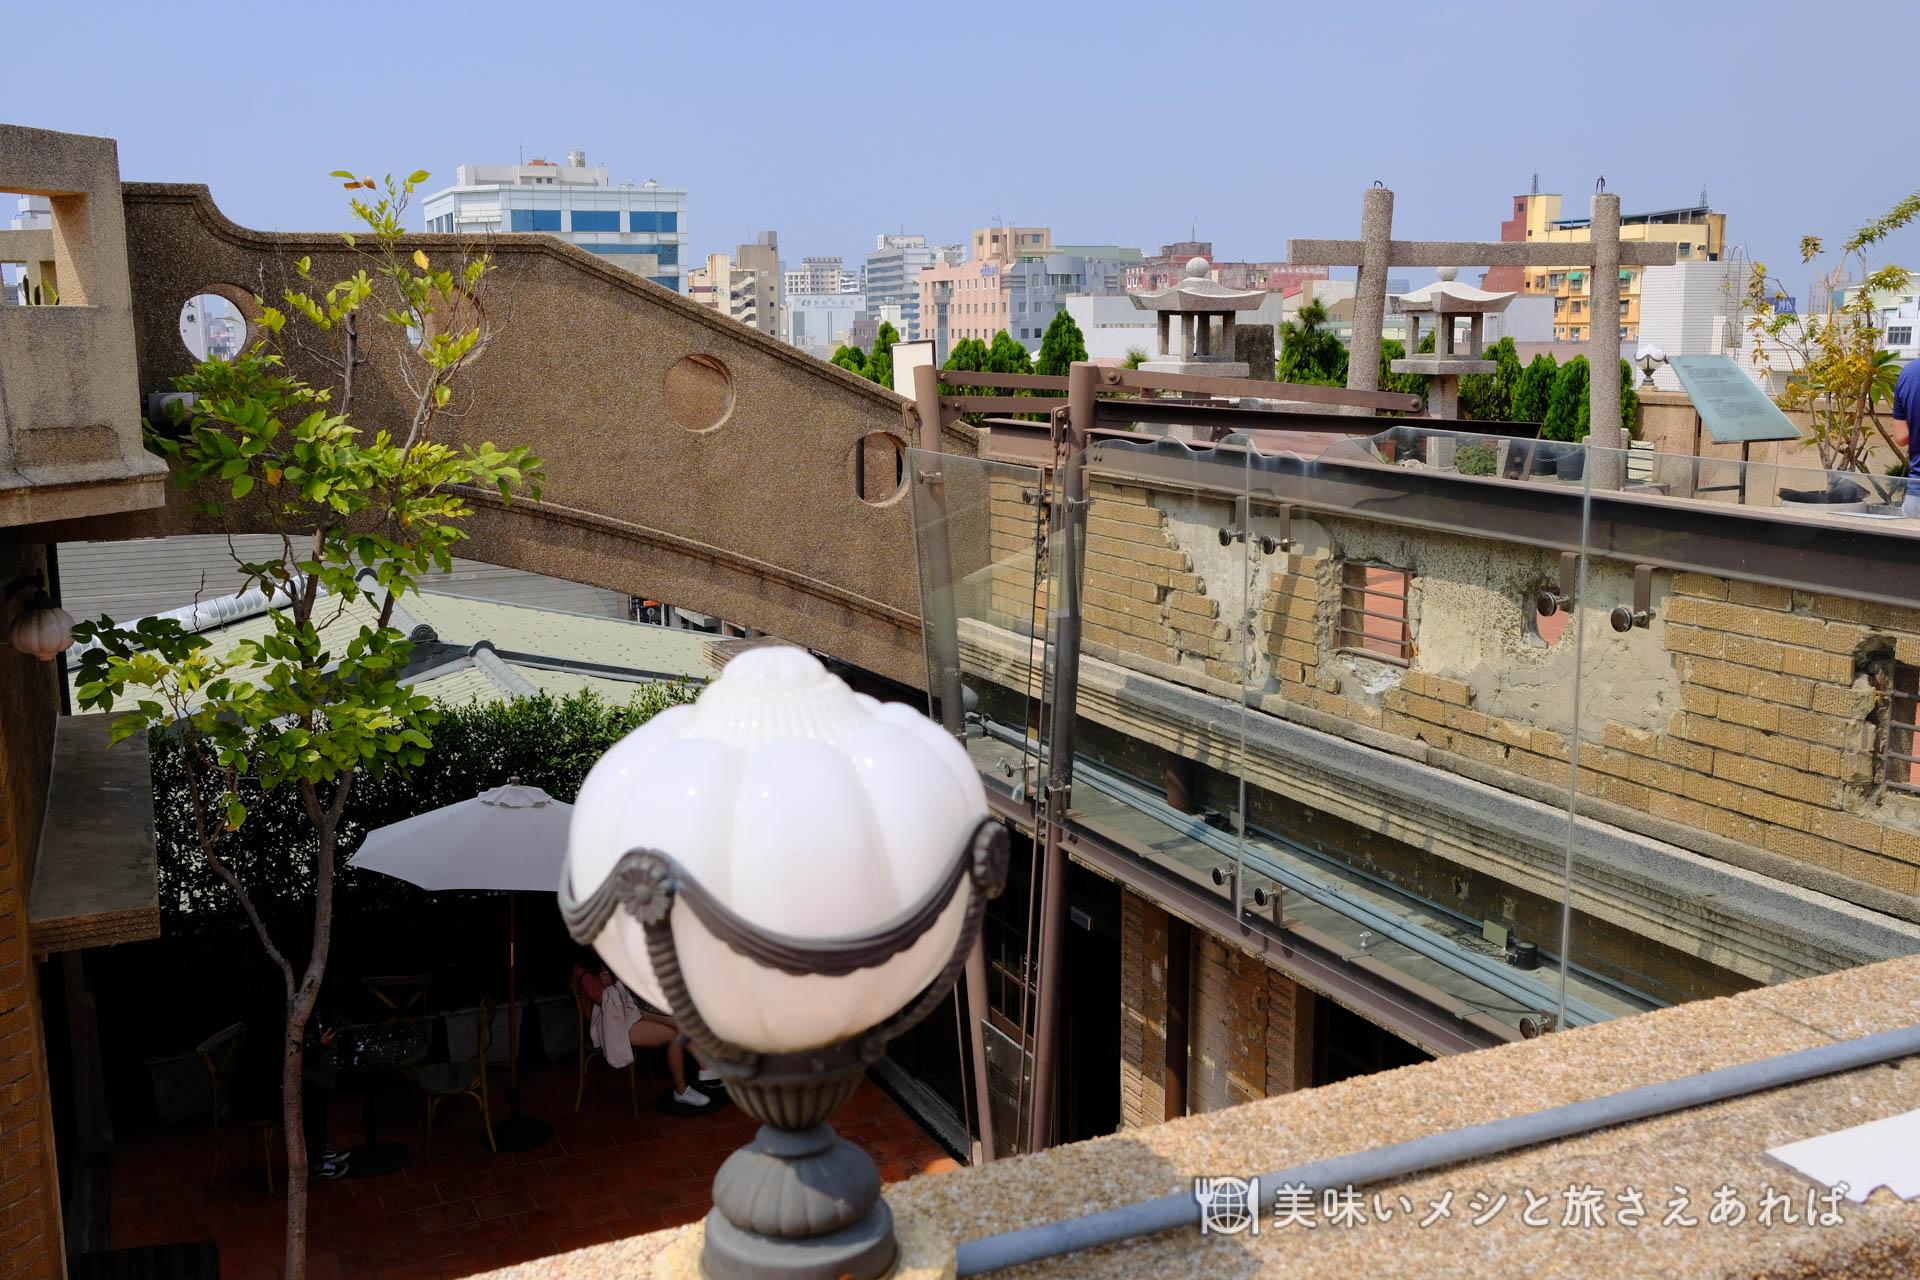 林百貨の屋上に残る戦禍の跡